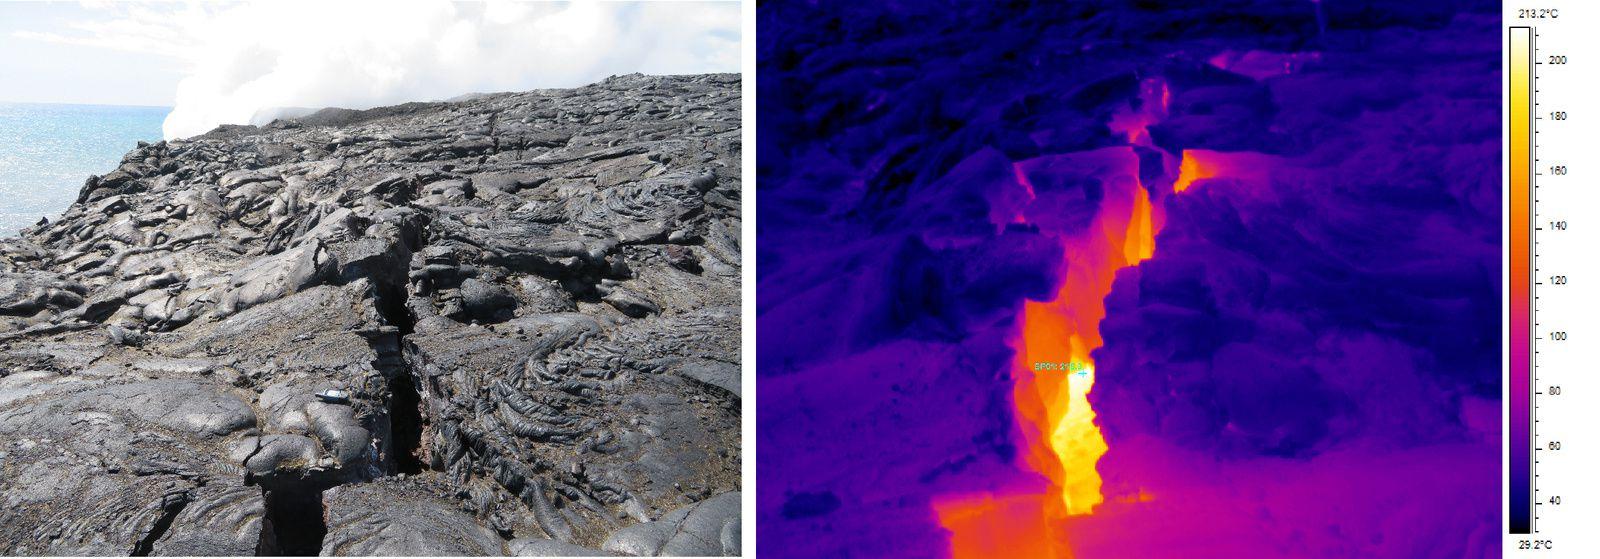 Hawaii coulée 61 g - extrémité est de la fissure de la falaise ; la température mesurée à la caméra thermique avoisine le 220°C - un clic pour agrandir - doc. HVO